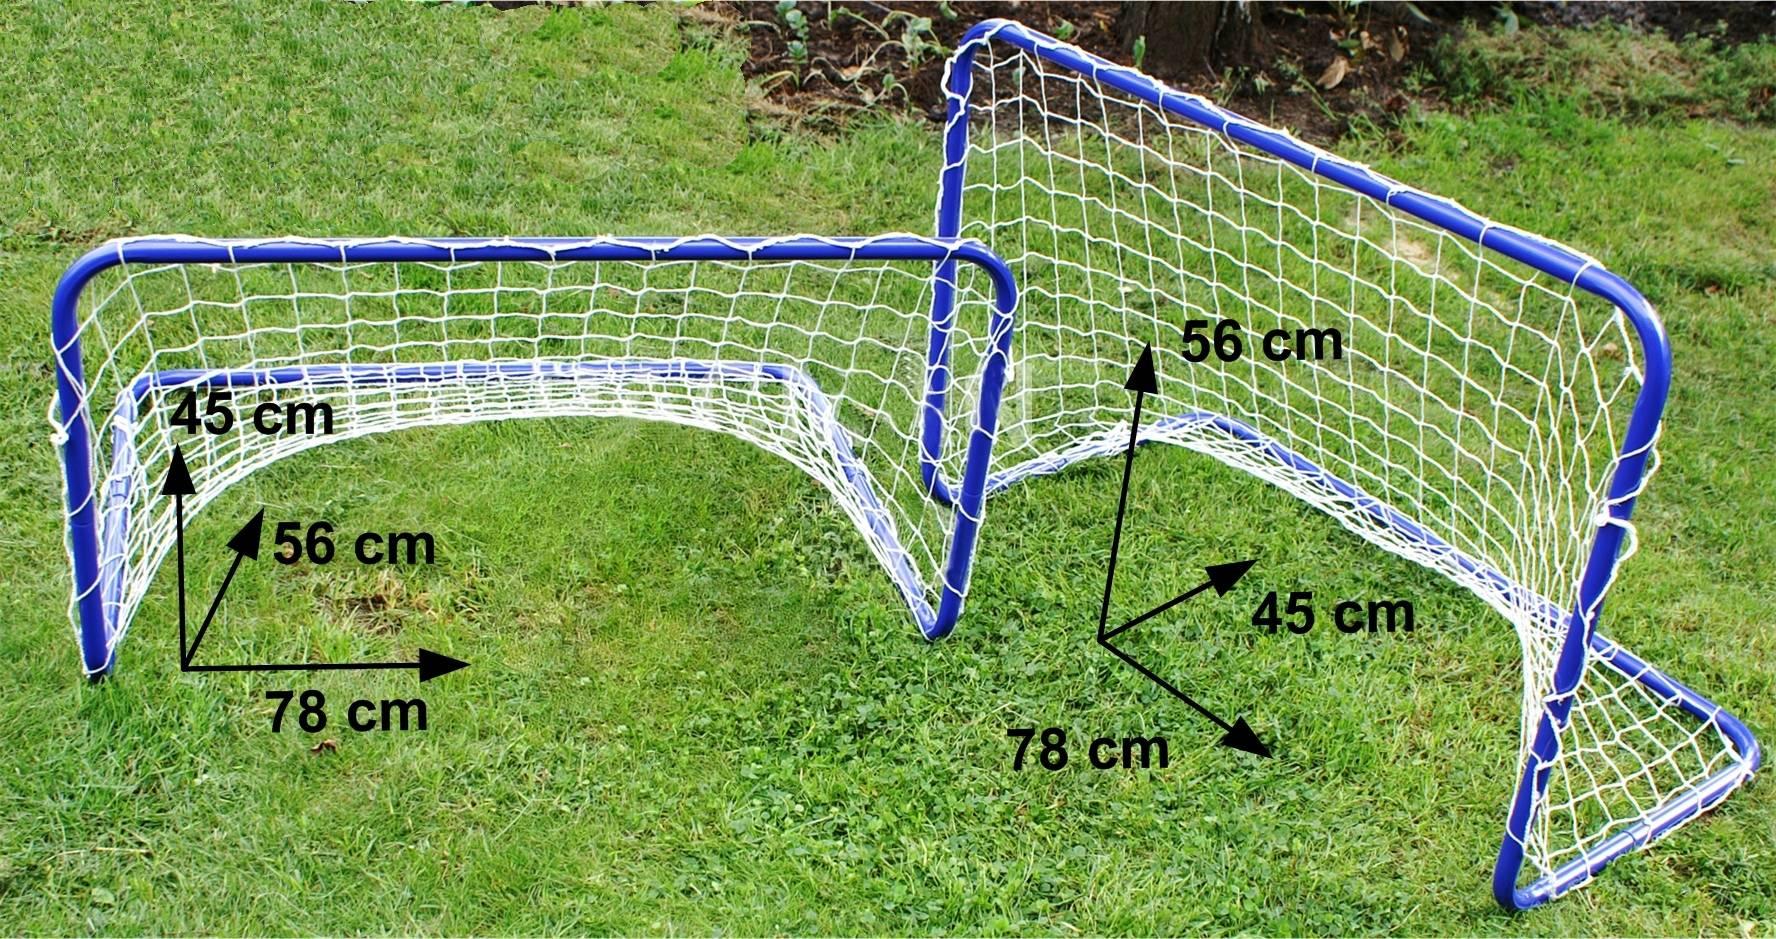 Хоккейные ворота своими руками размеры